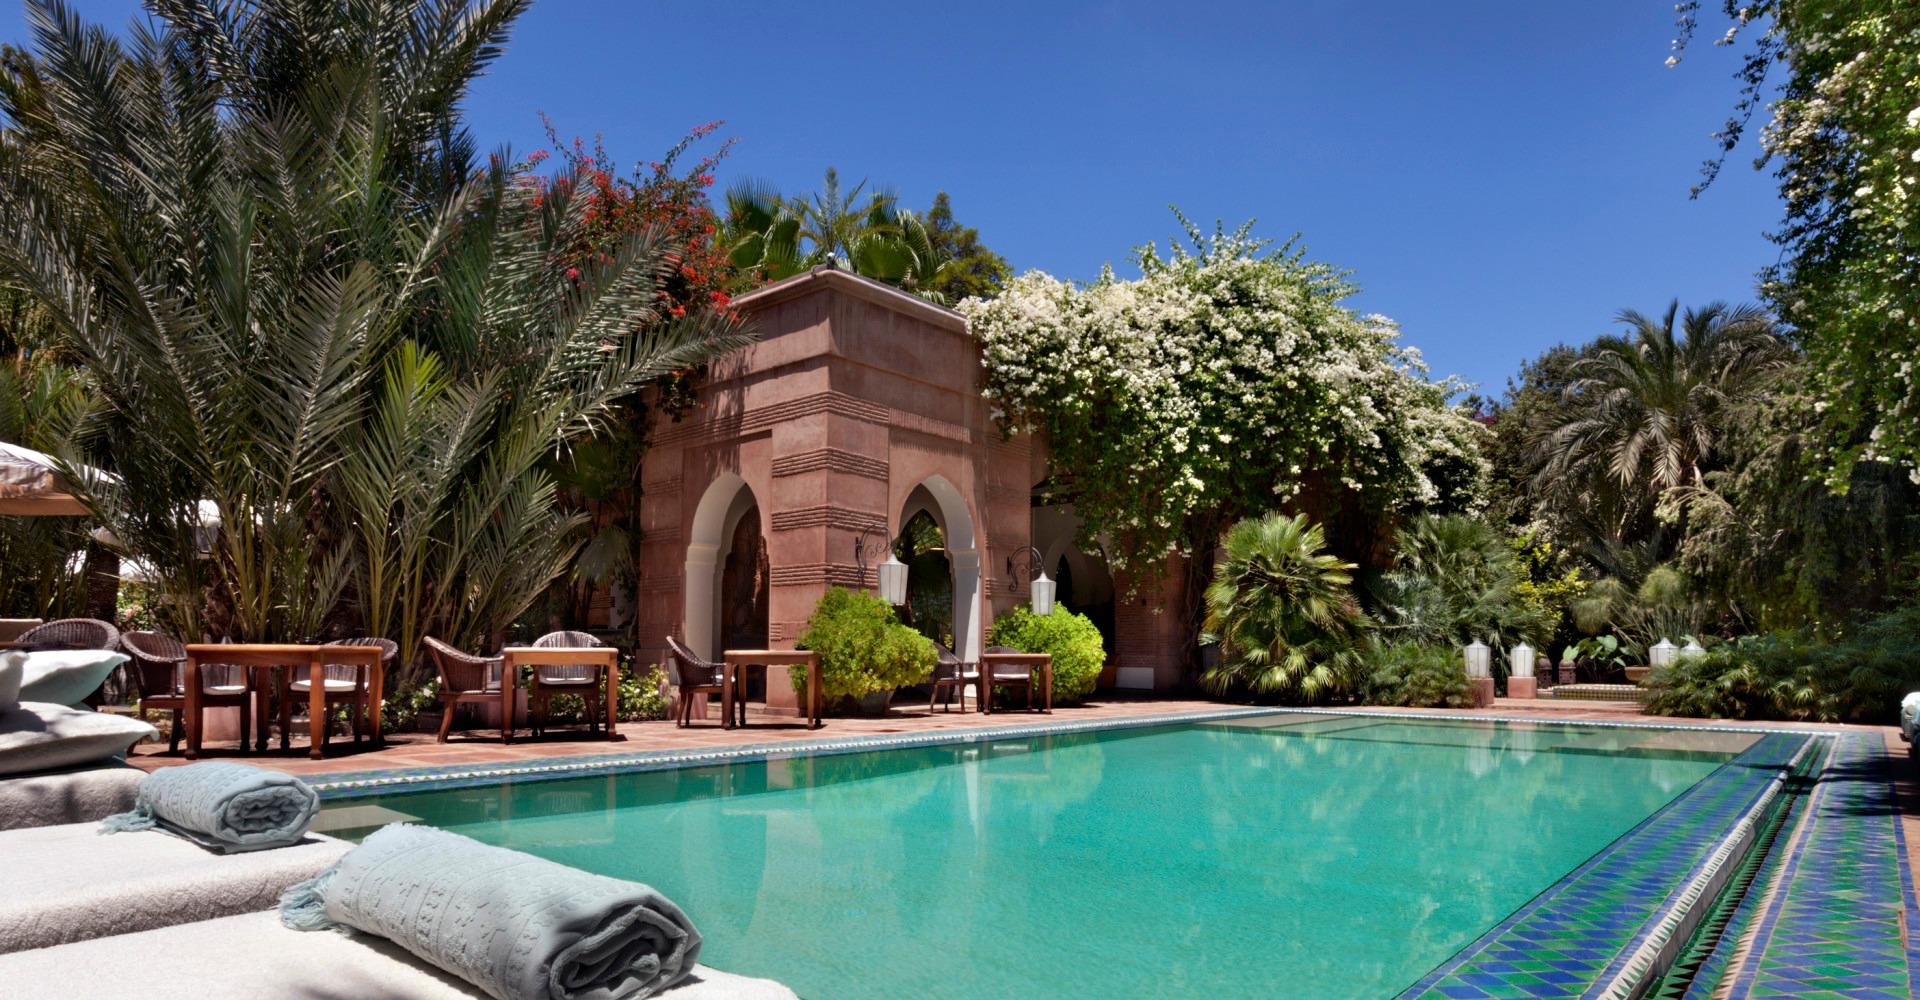 Zwembad van luxe Dar Rhizlane, Marrakech, Marokko